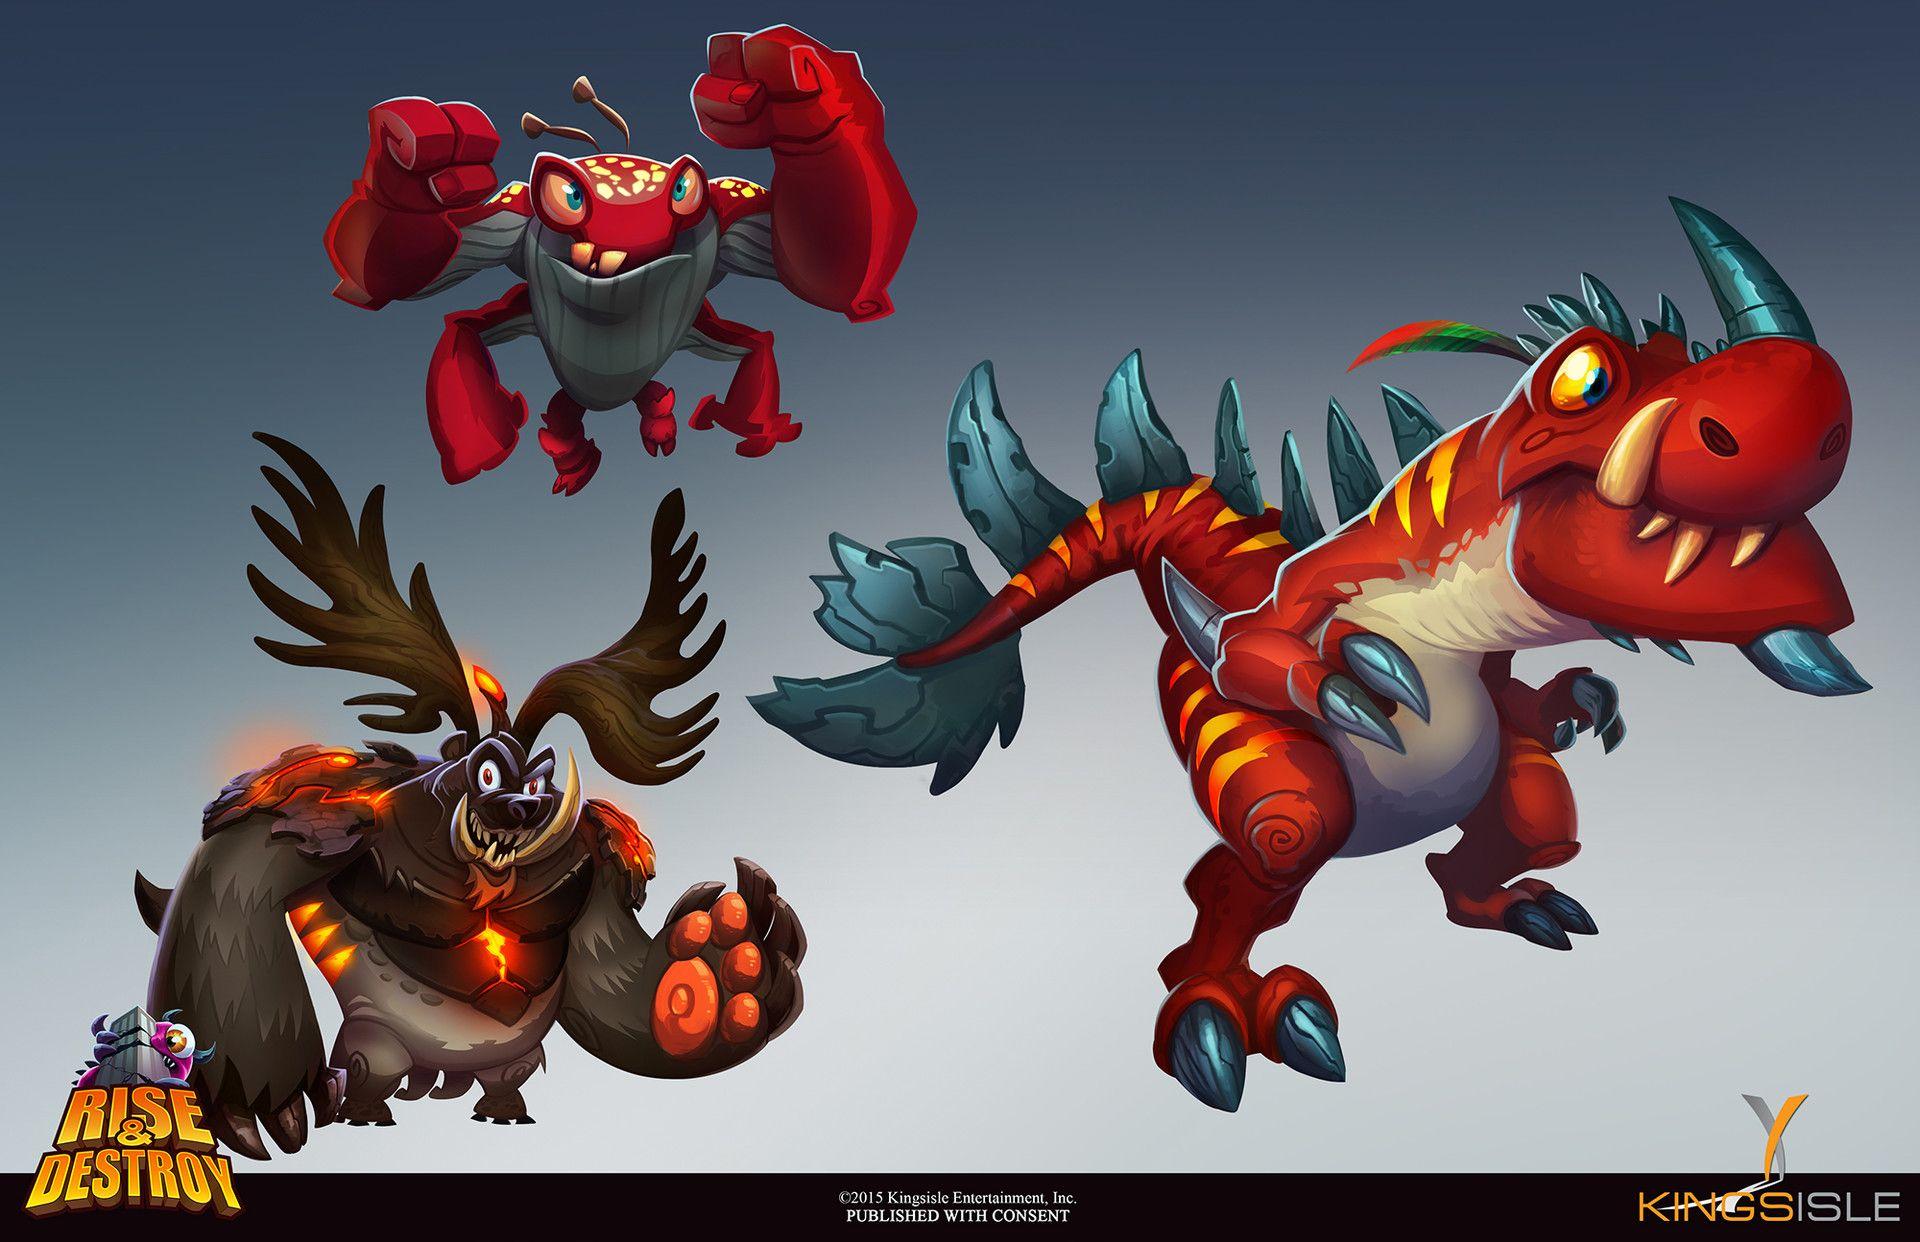 ArtStation - Rise & Destroy - Monster Designs, Kevin T. Chin